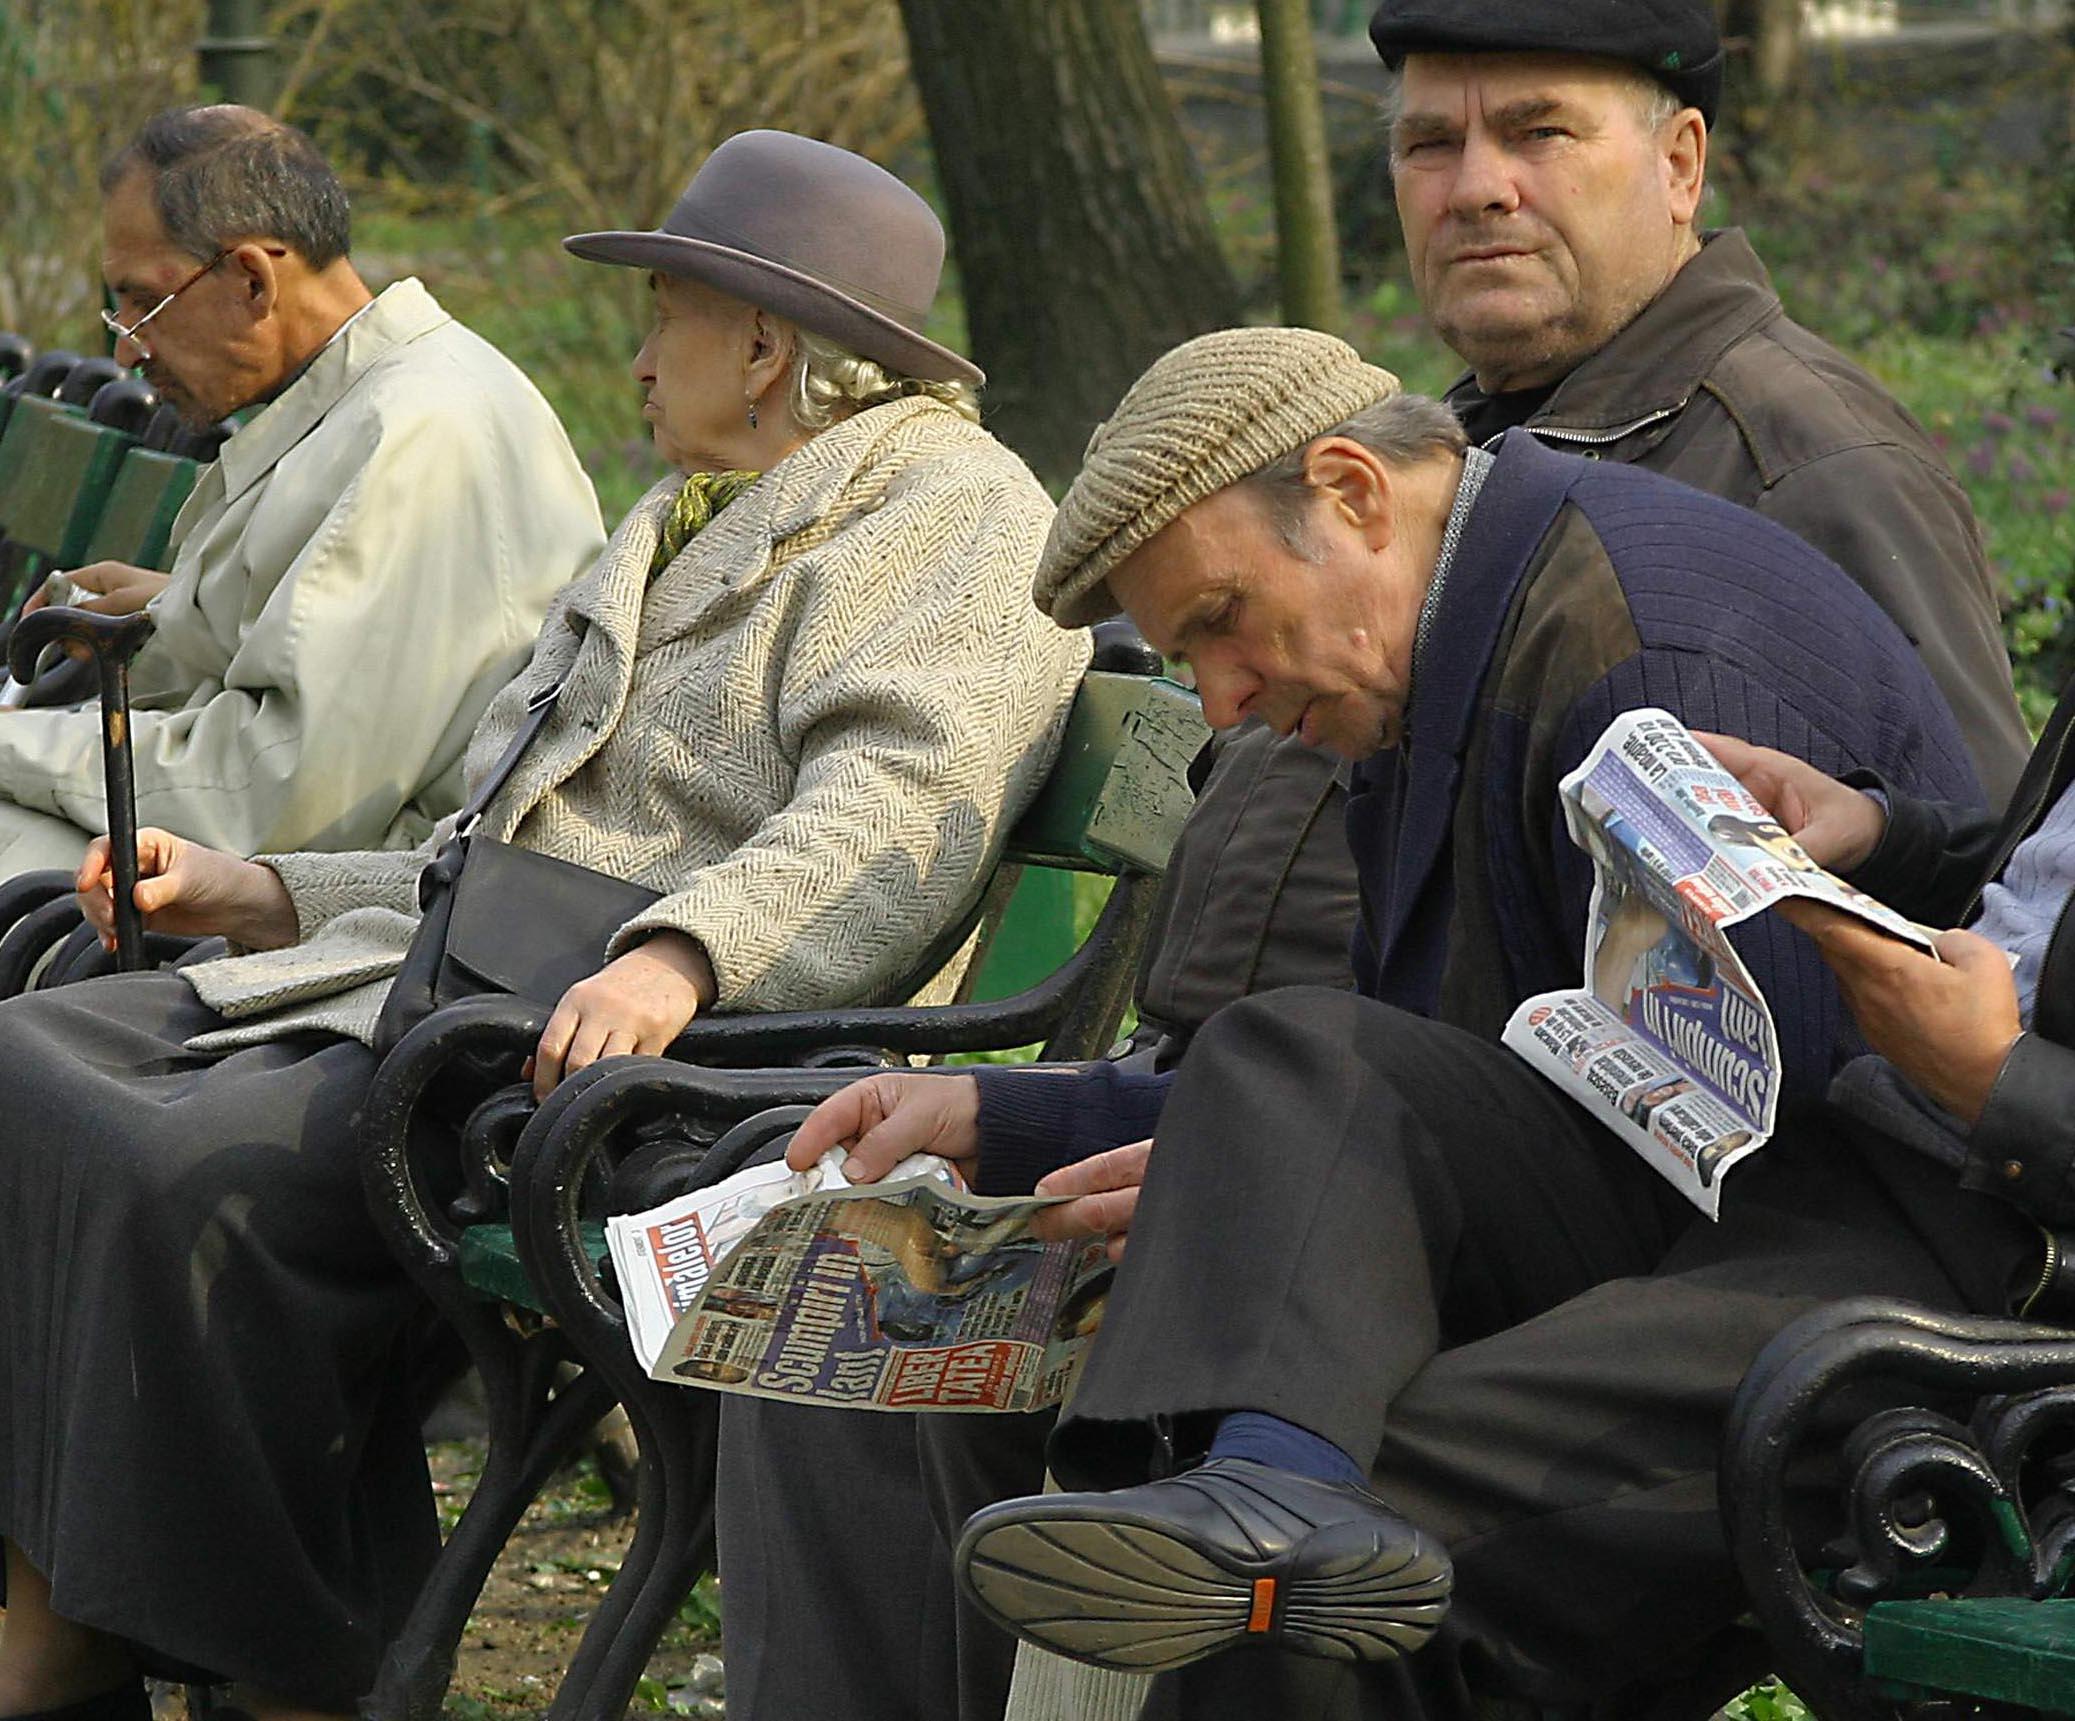 Probleme mari cu pensiile! Ce mai veche bancă, în mijlocul unui scandal politico-penal